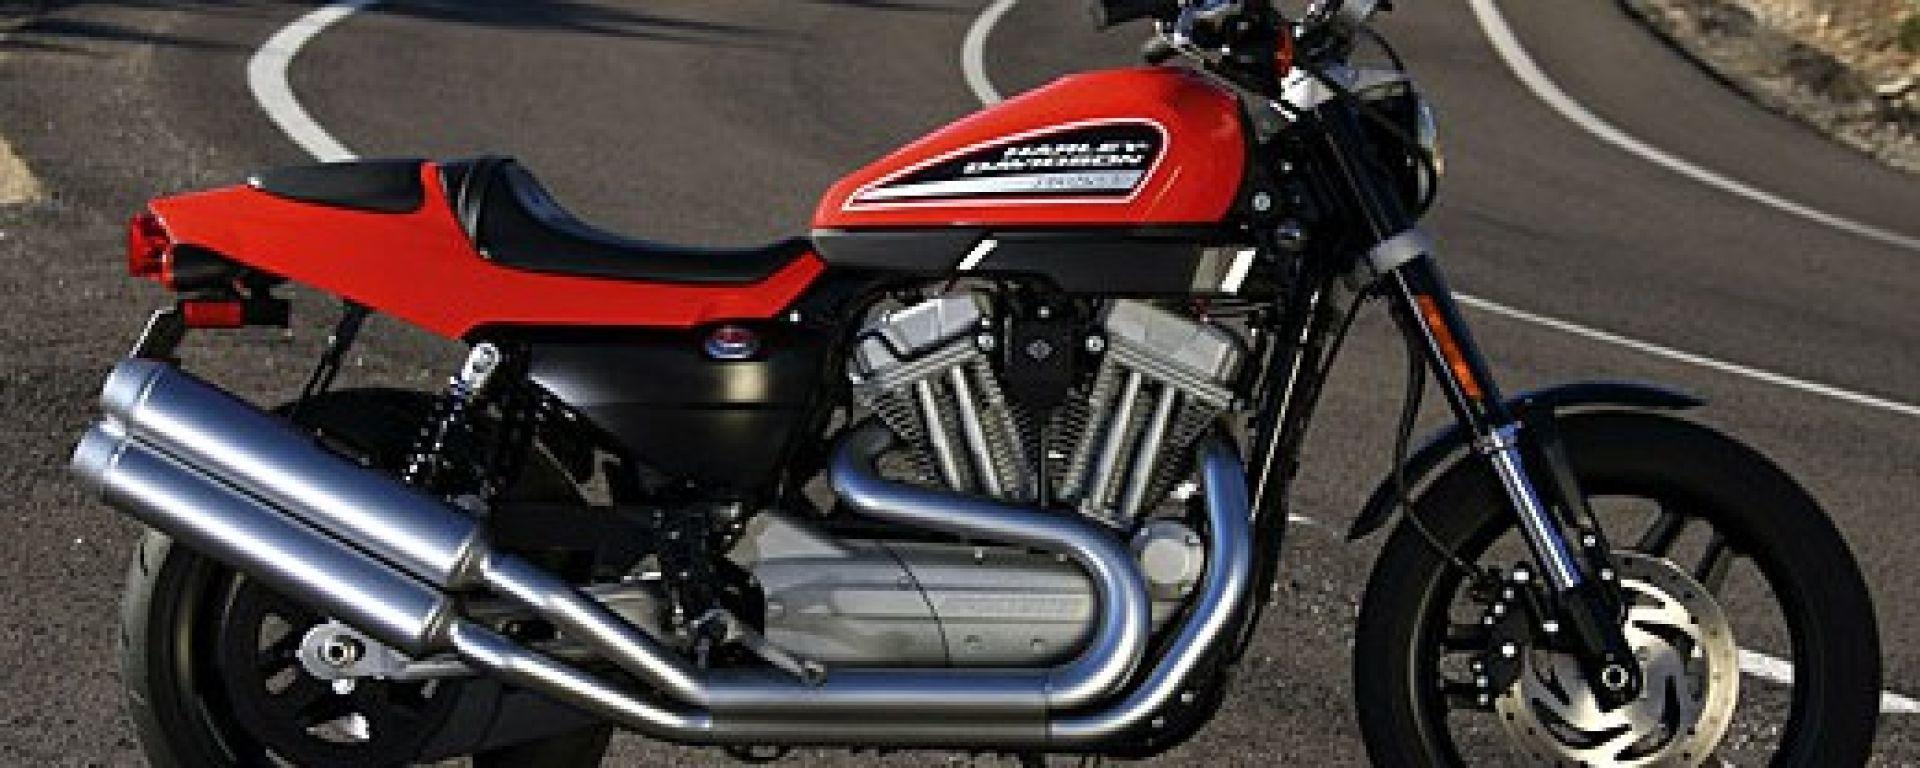 Prova Harley Davidson Xr 1200 Motorbox